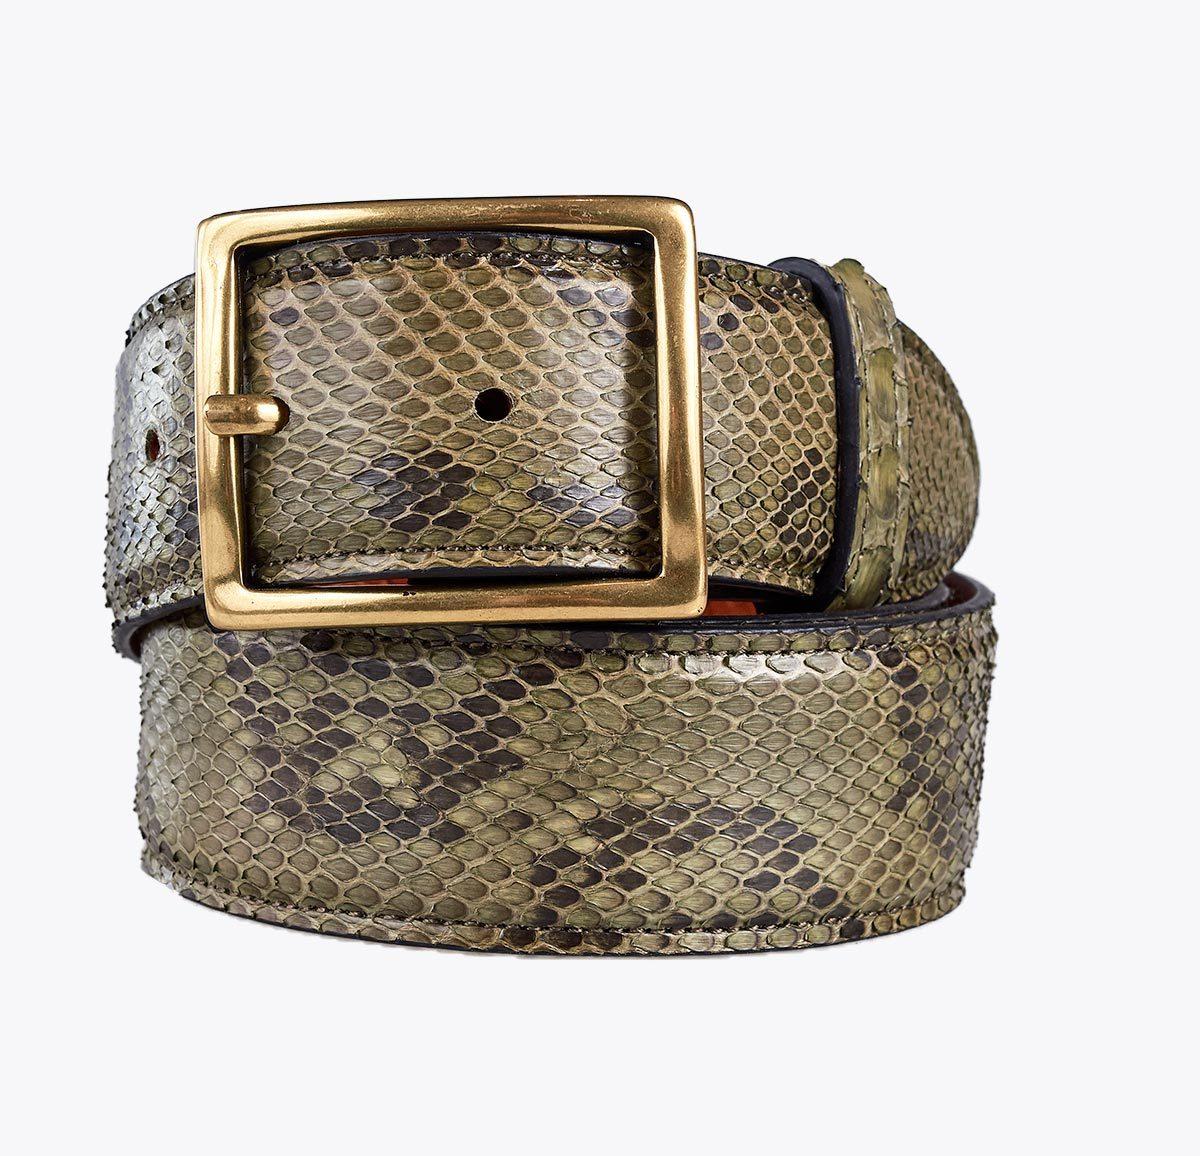 Cinturón pitón verde. Accesorios y complementos en mandalashoes. Accessories in mandalashoes. Zubehör in Mandalas.